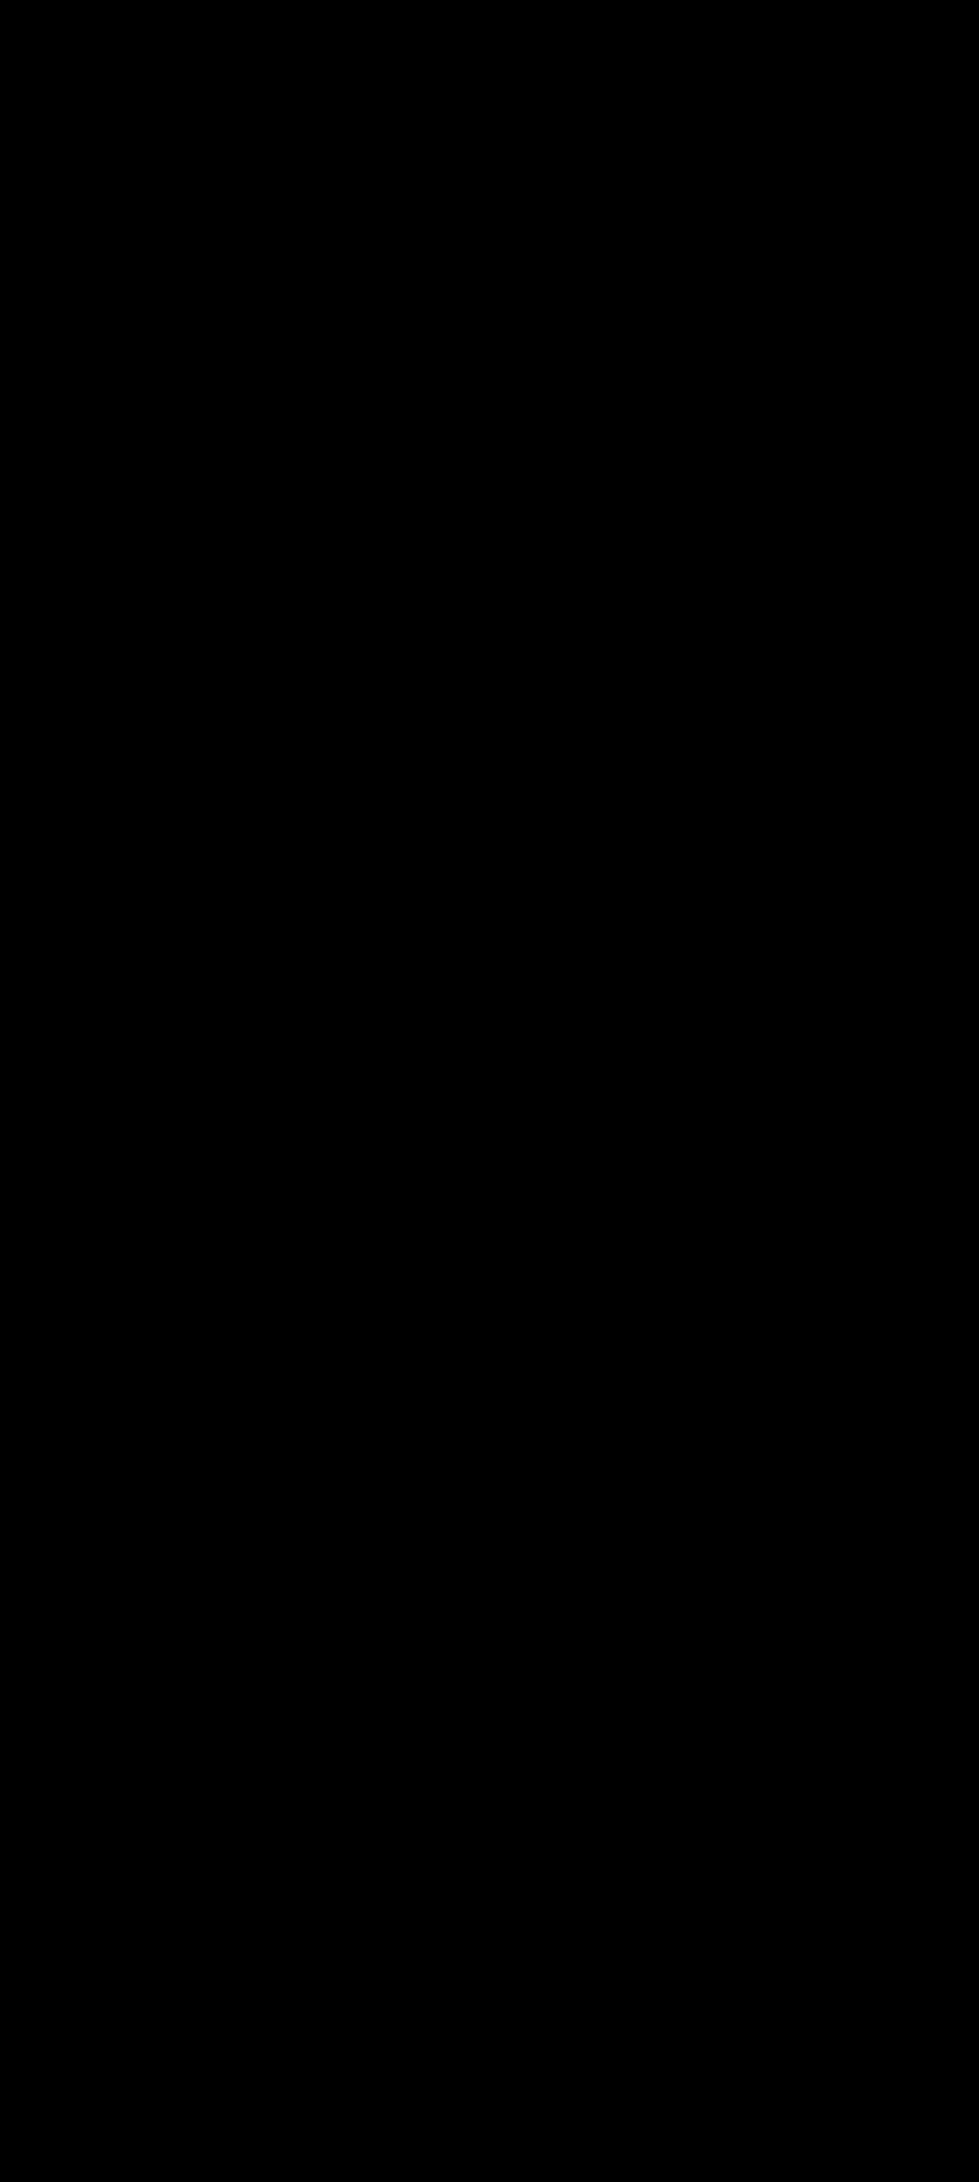 図33.png